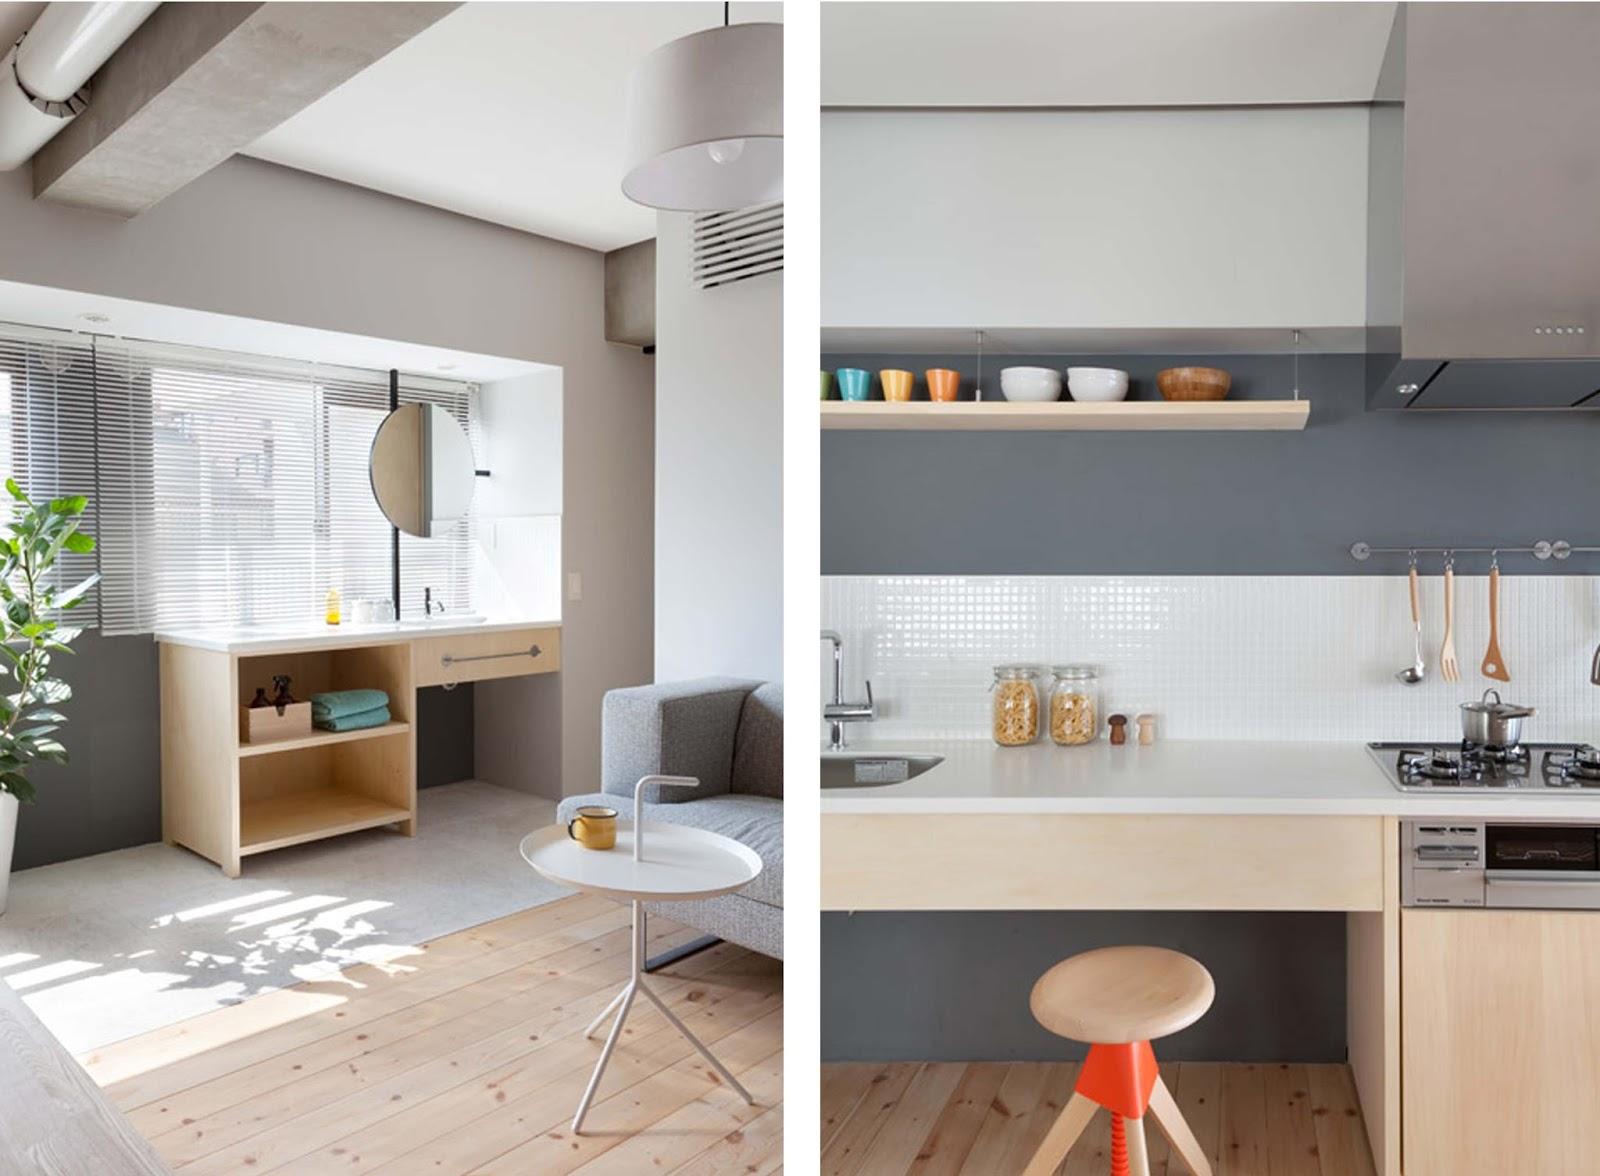 Divisori in legno per interni porte scorrevoli in legno for Divisori interni